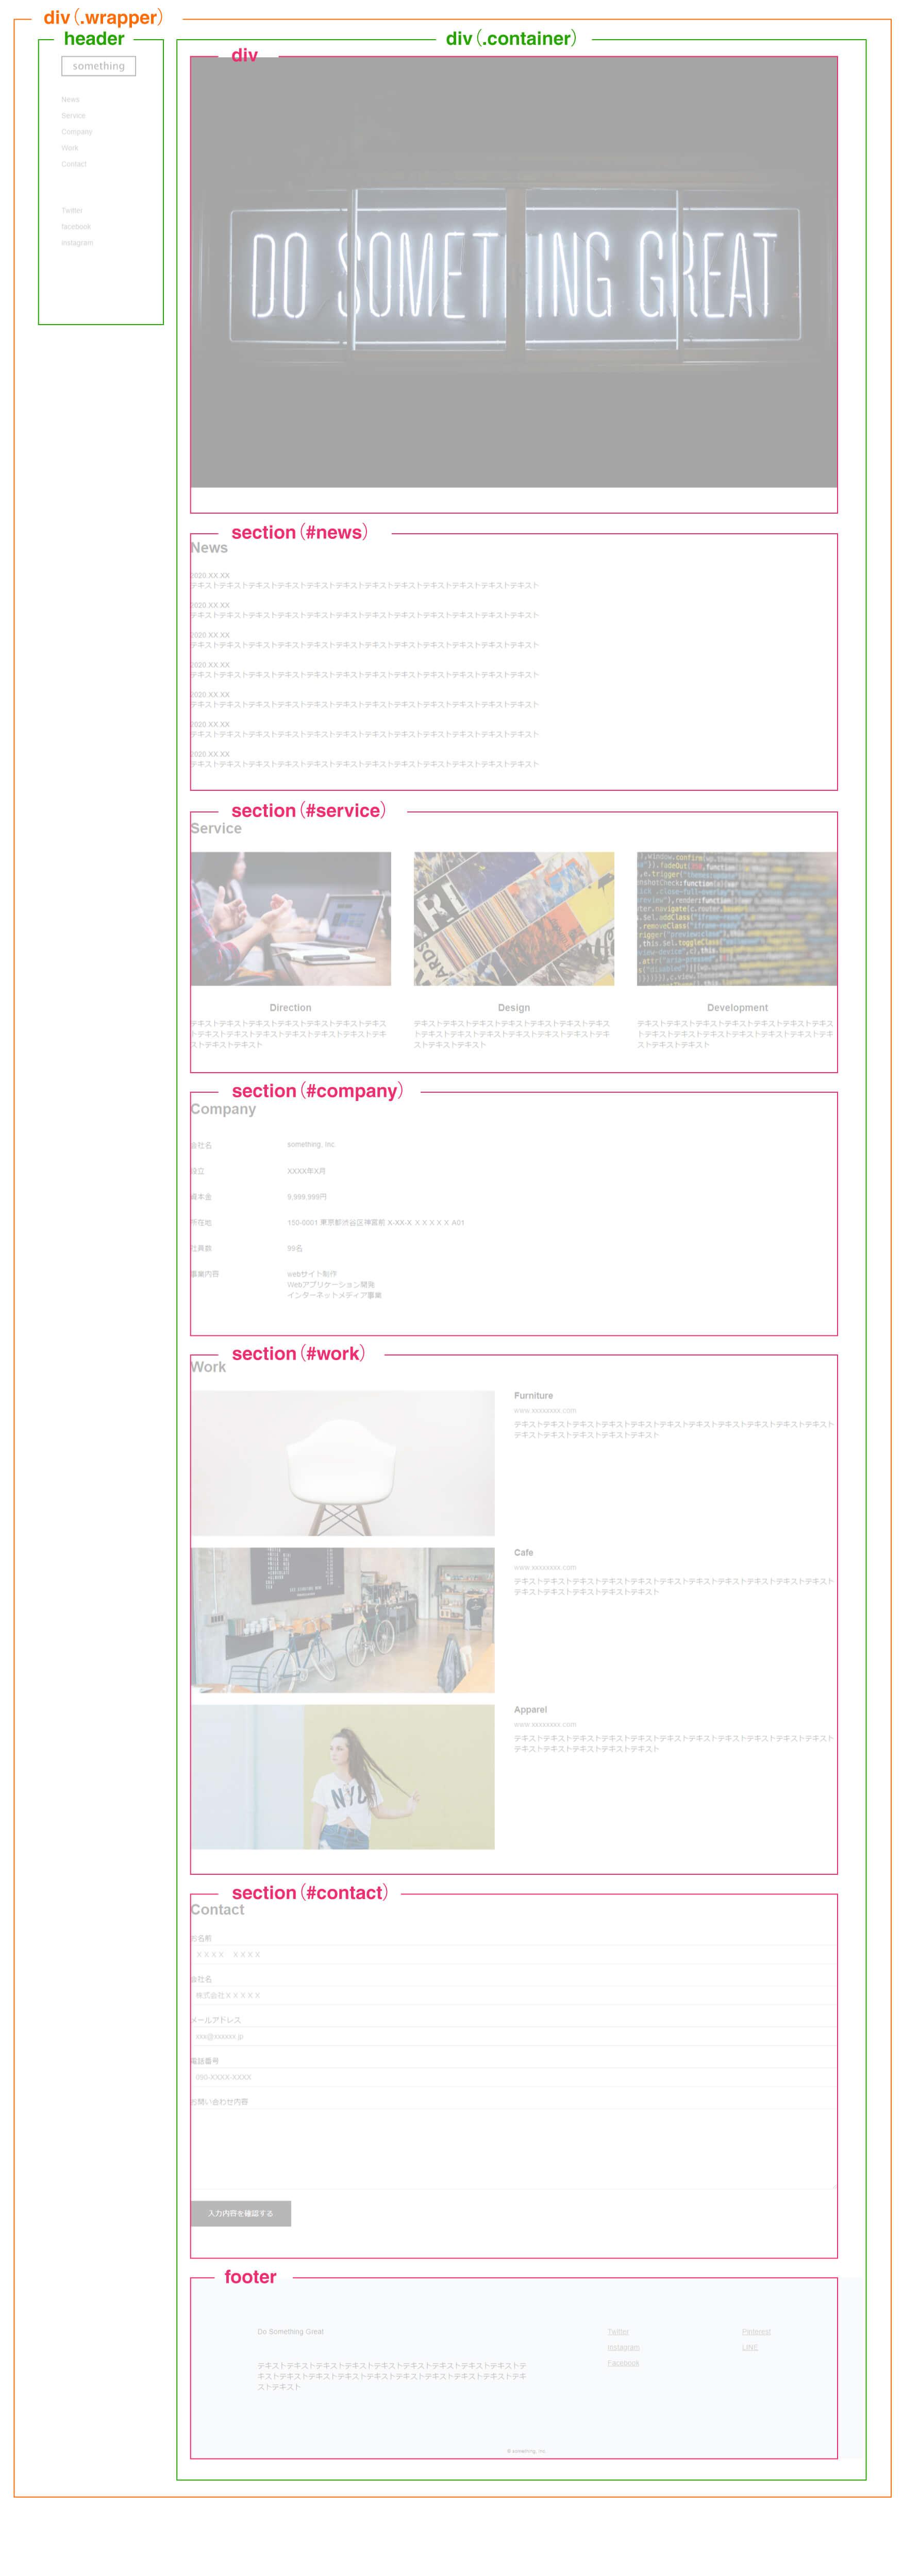 サイト全体のレイアウト構成